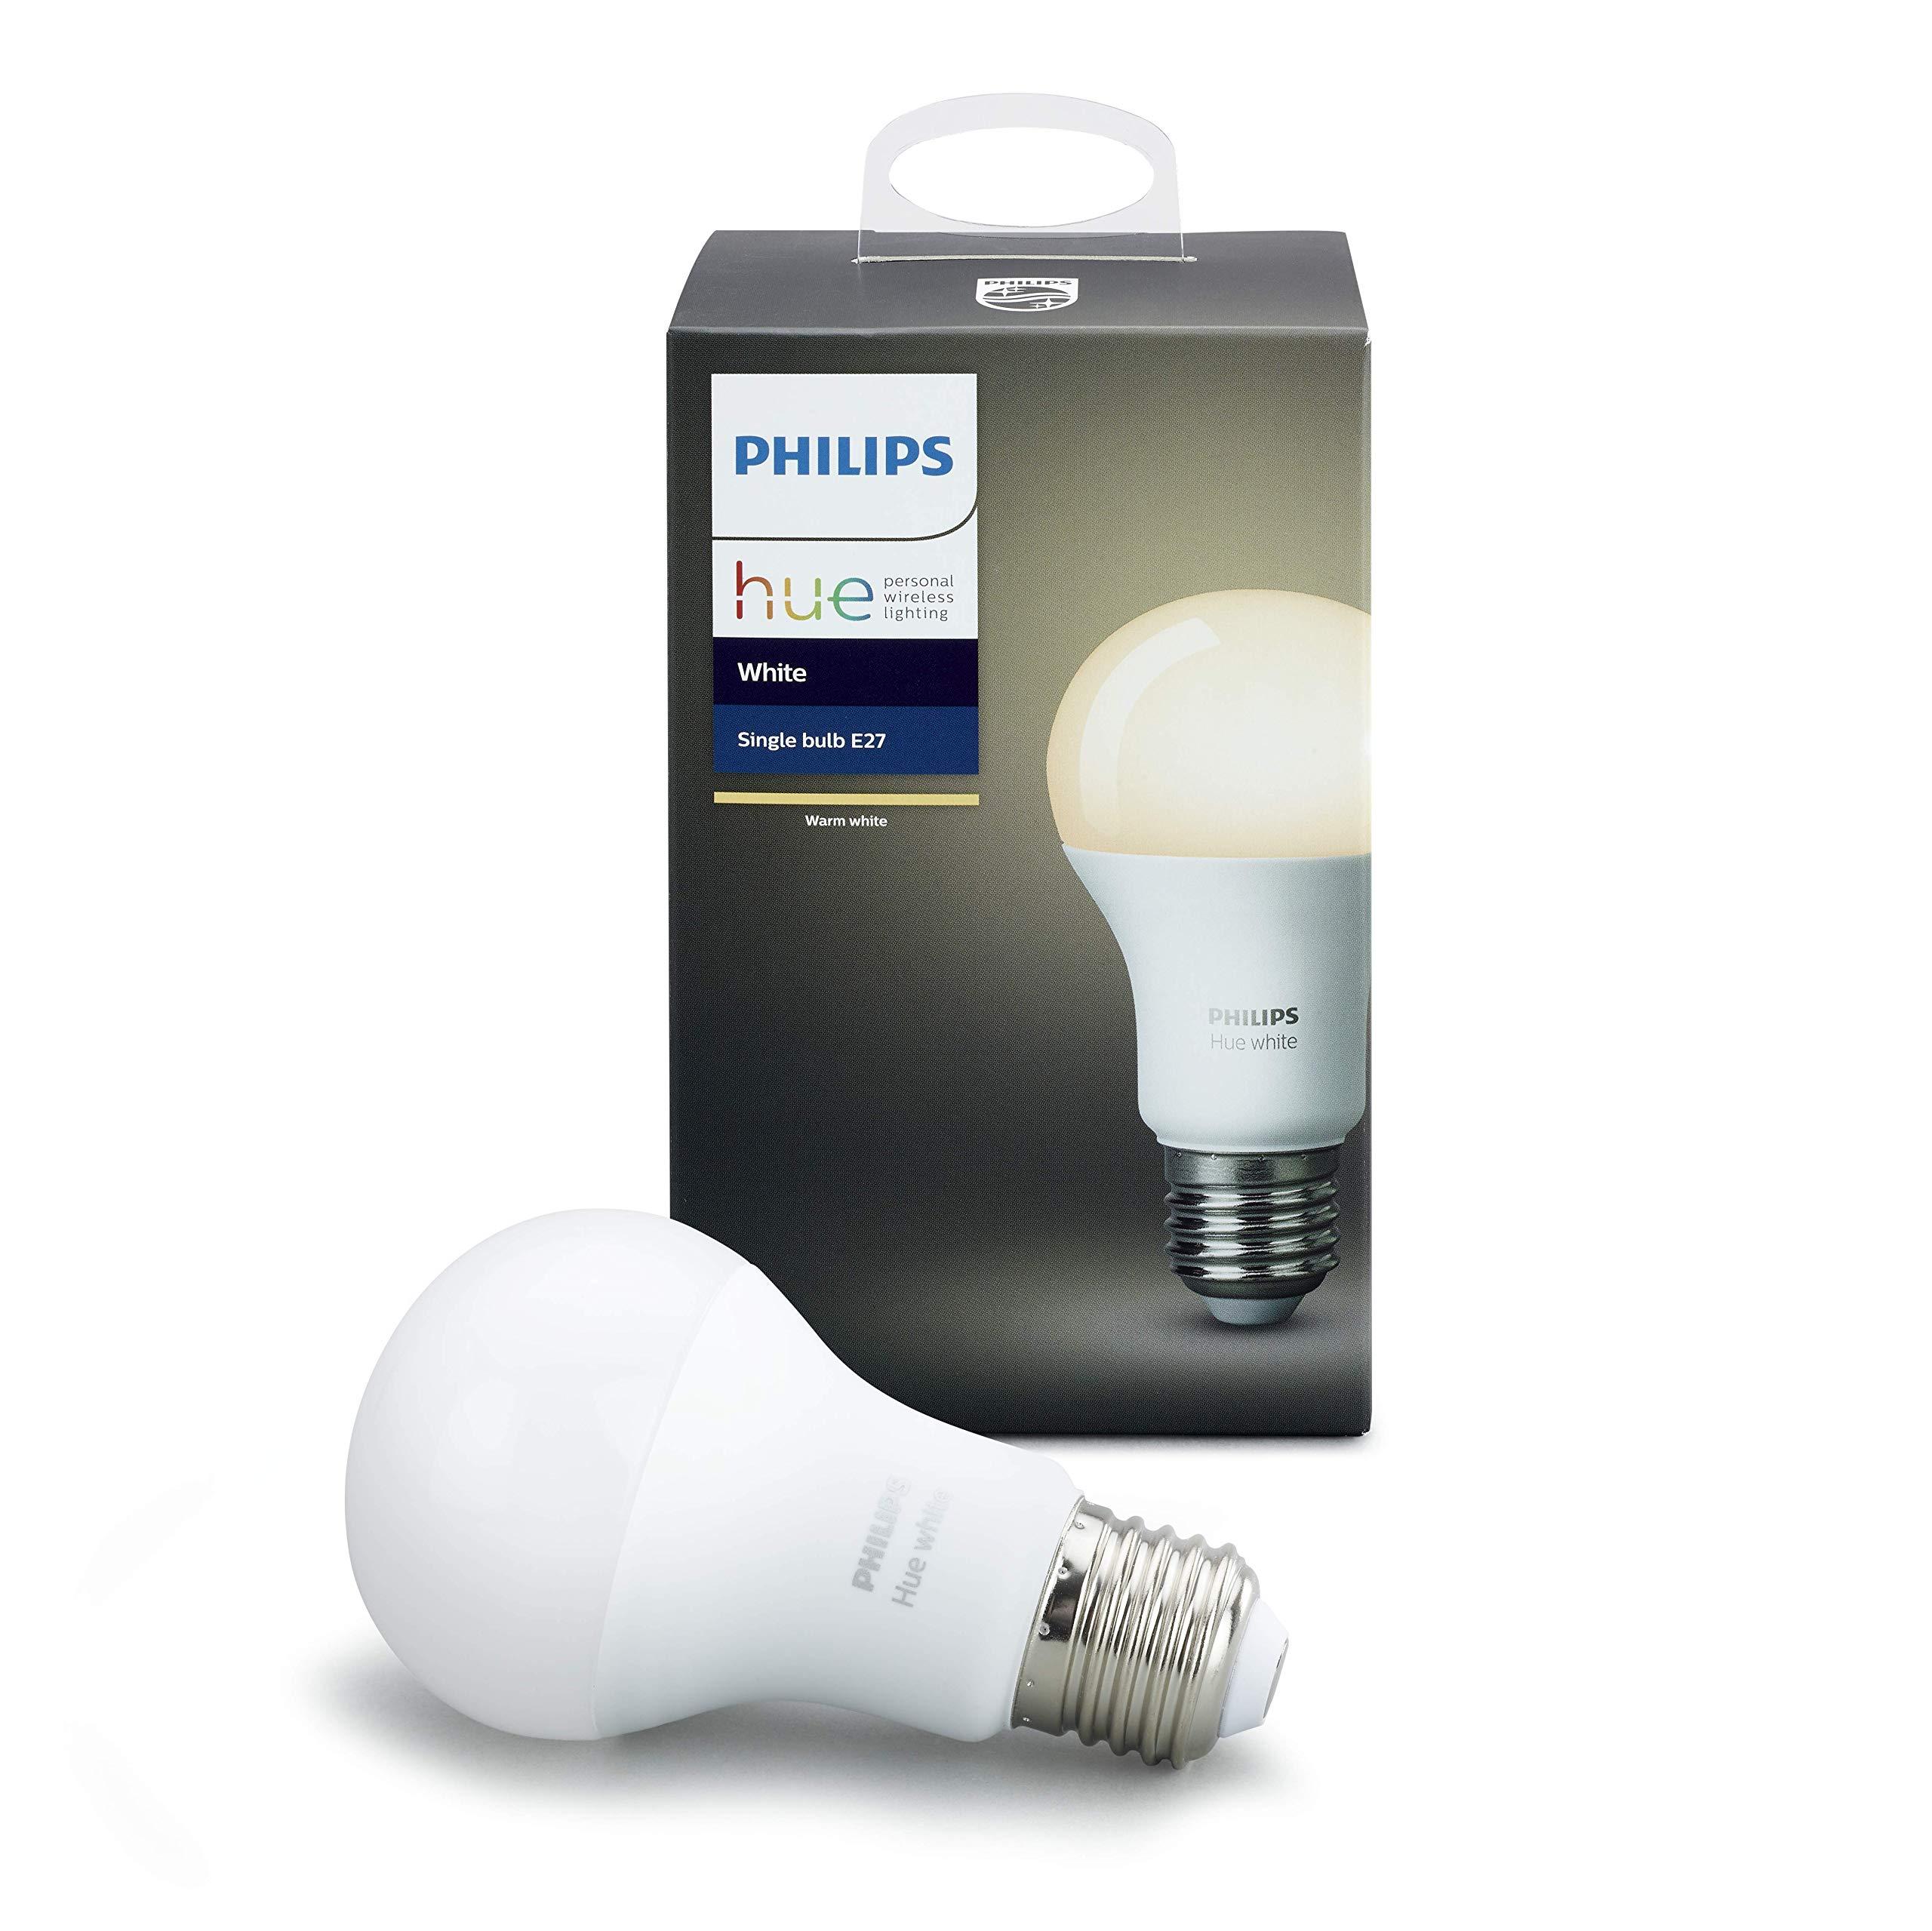 Philips Lighting White Lampadina Intelligente LED Dimmerabile Equivalente A19 E27 60 W Philips Hue Bianca (Compatibile con Amazon Alexa, Apple Homekit, Google Assistant), 1 Pezzo